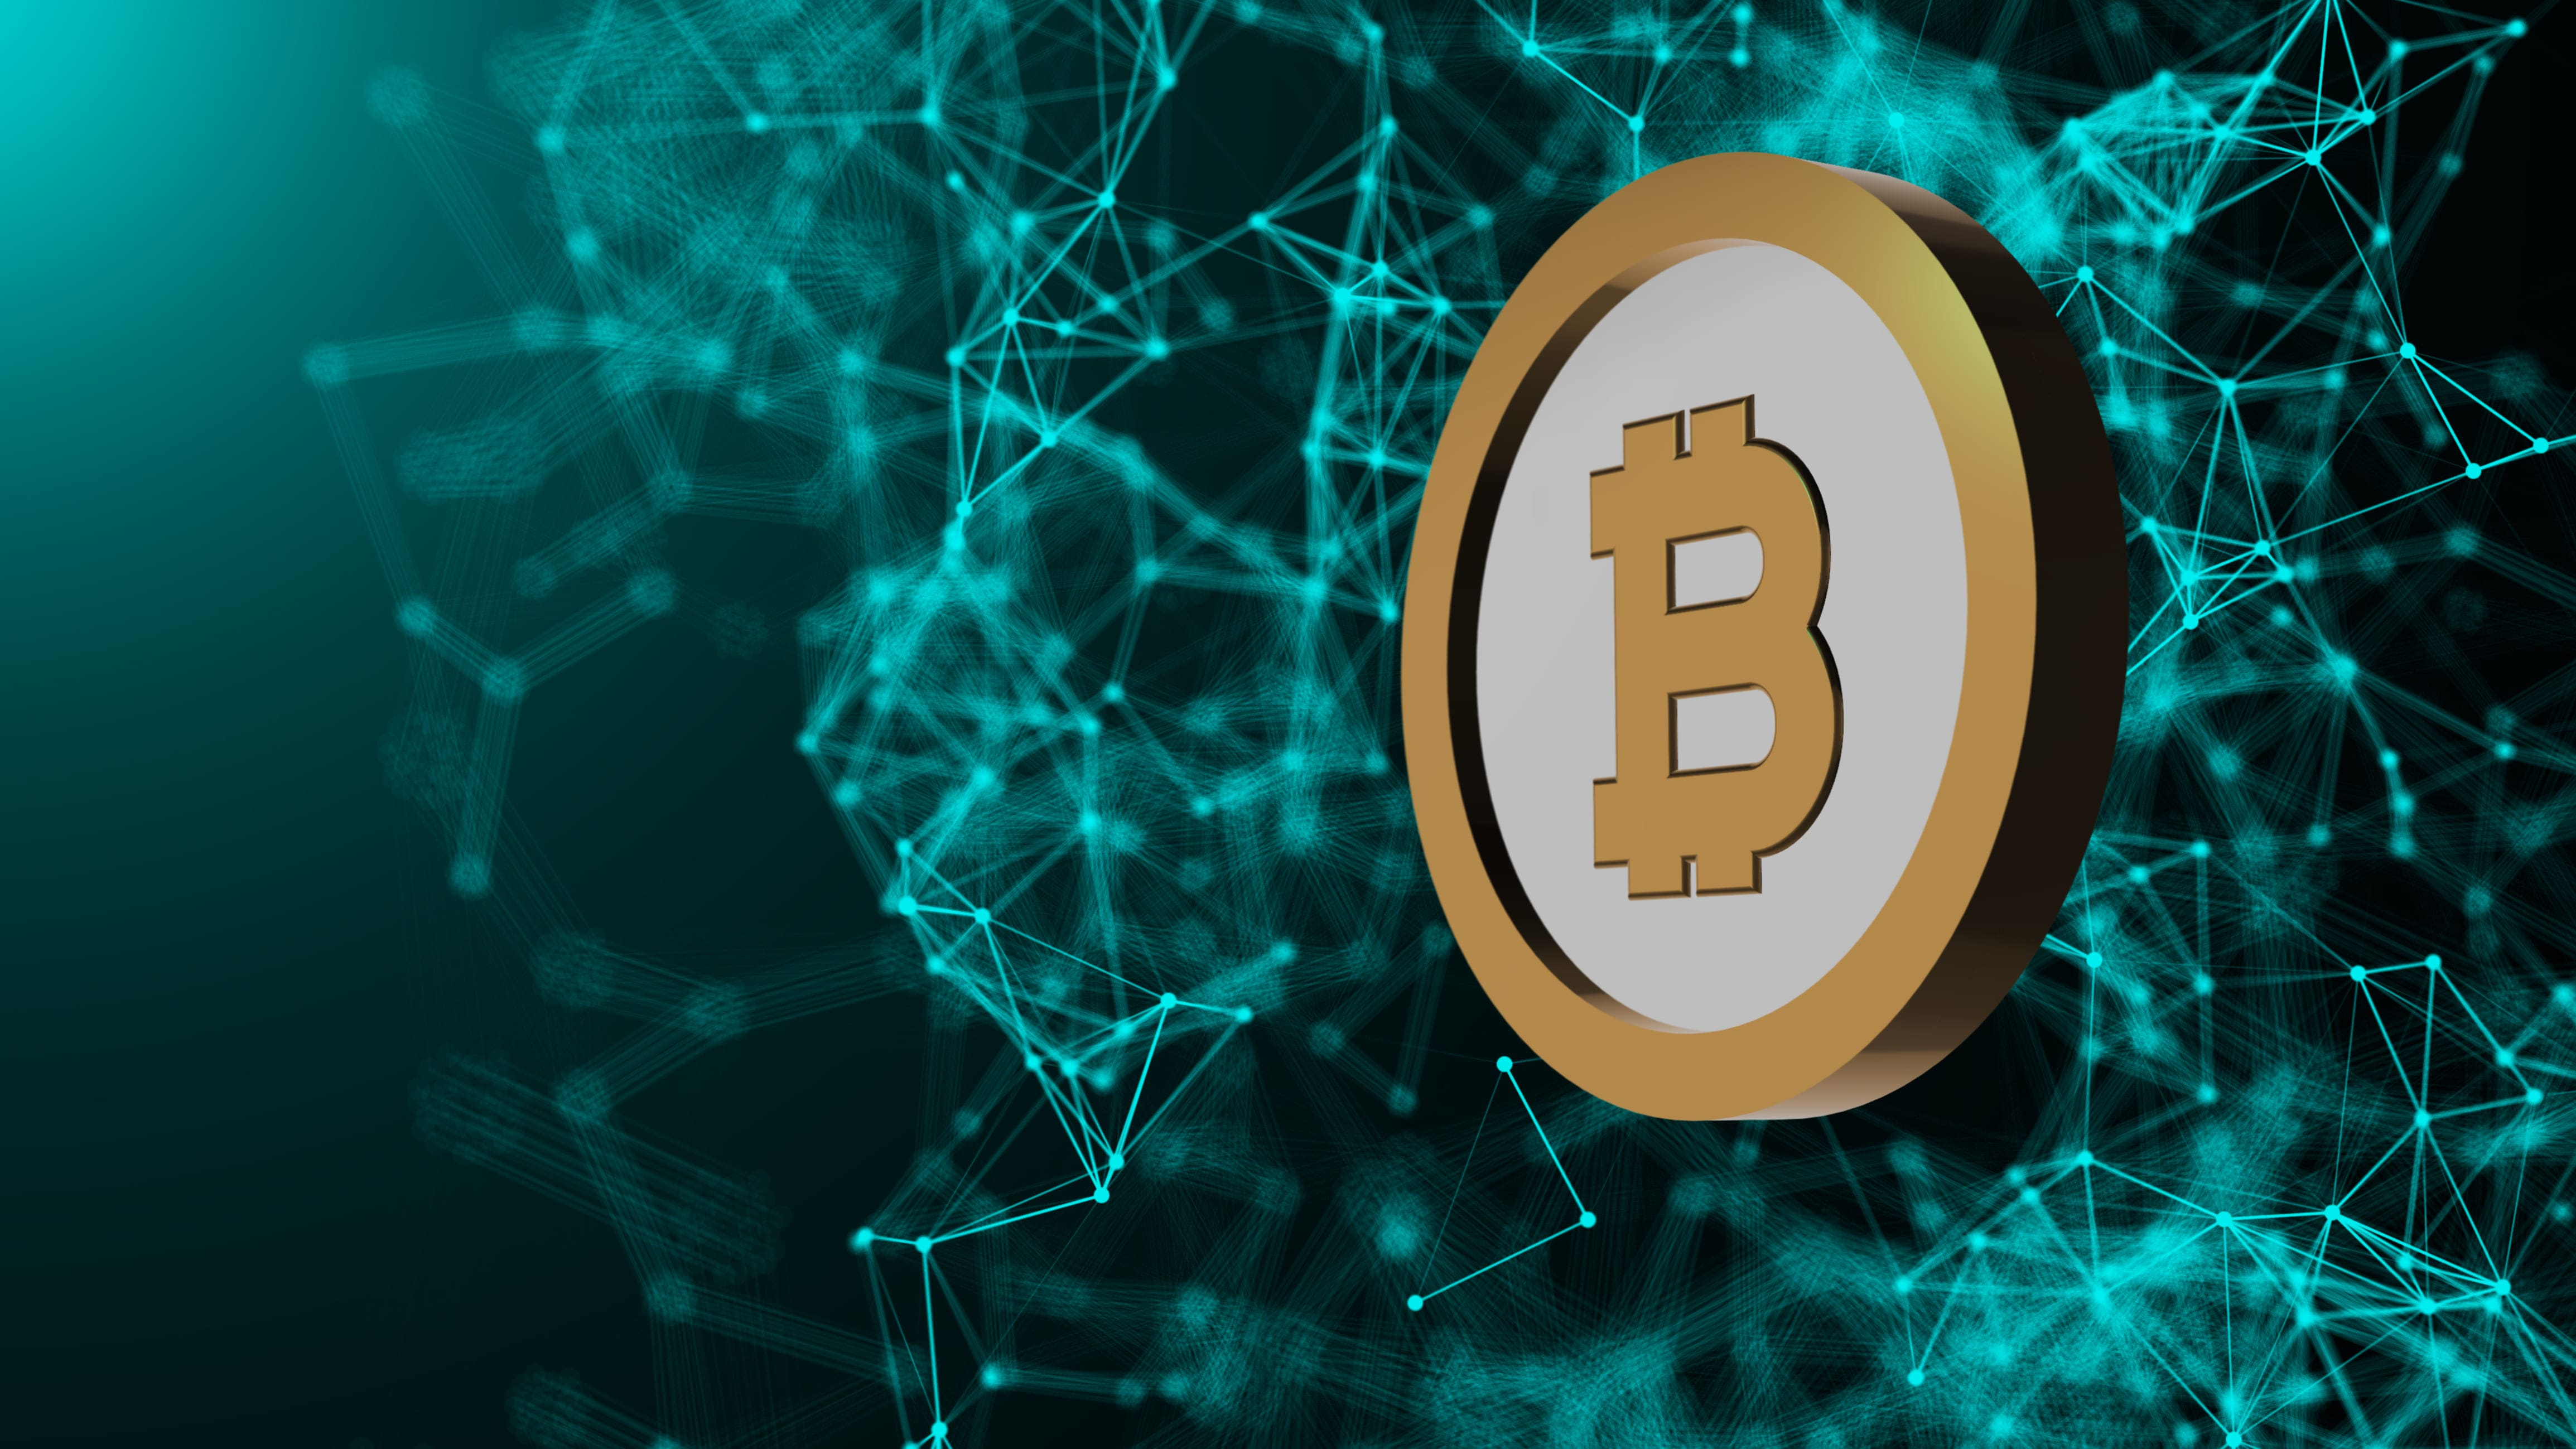 Bitkoīnu pirkšana un izpirkšana peļņas nolūkos ir